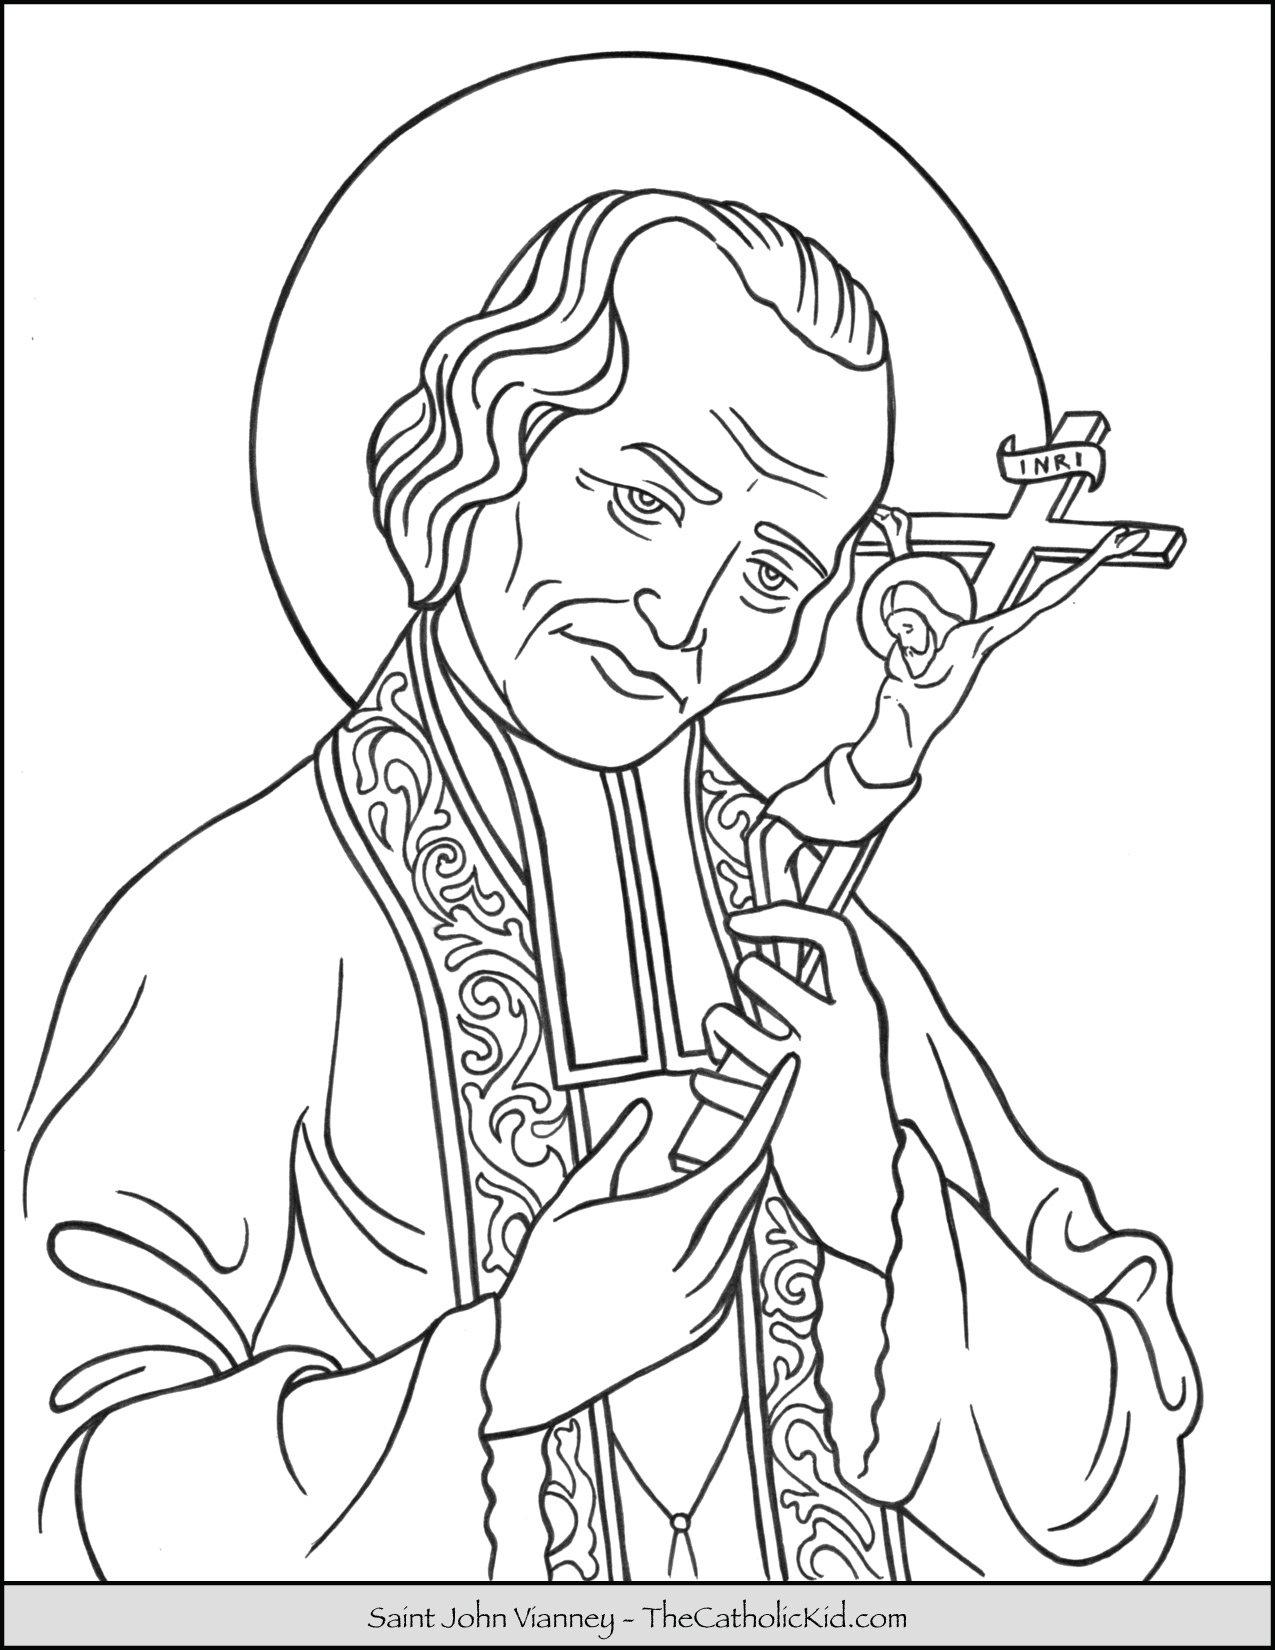 Saint John Vianney Coloring Page